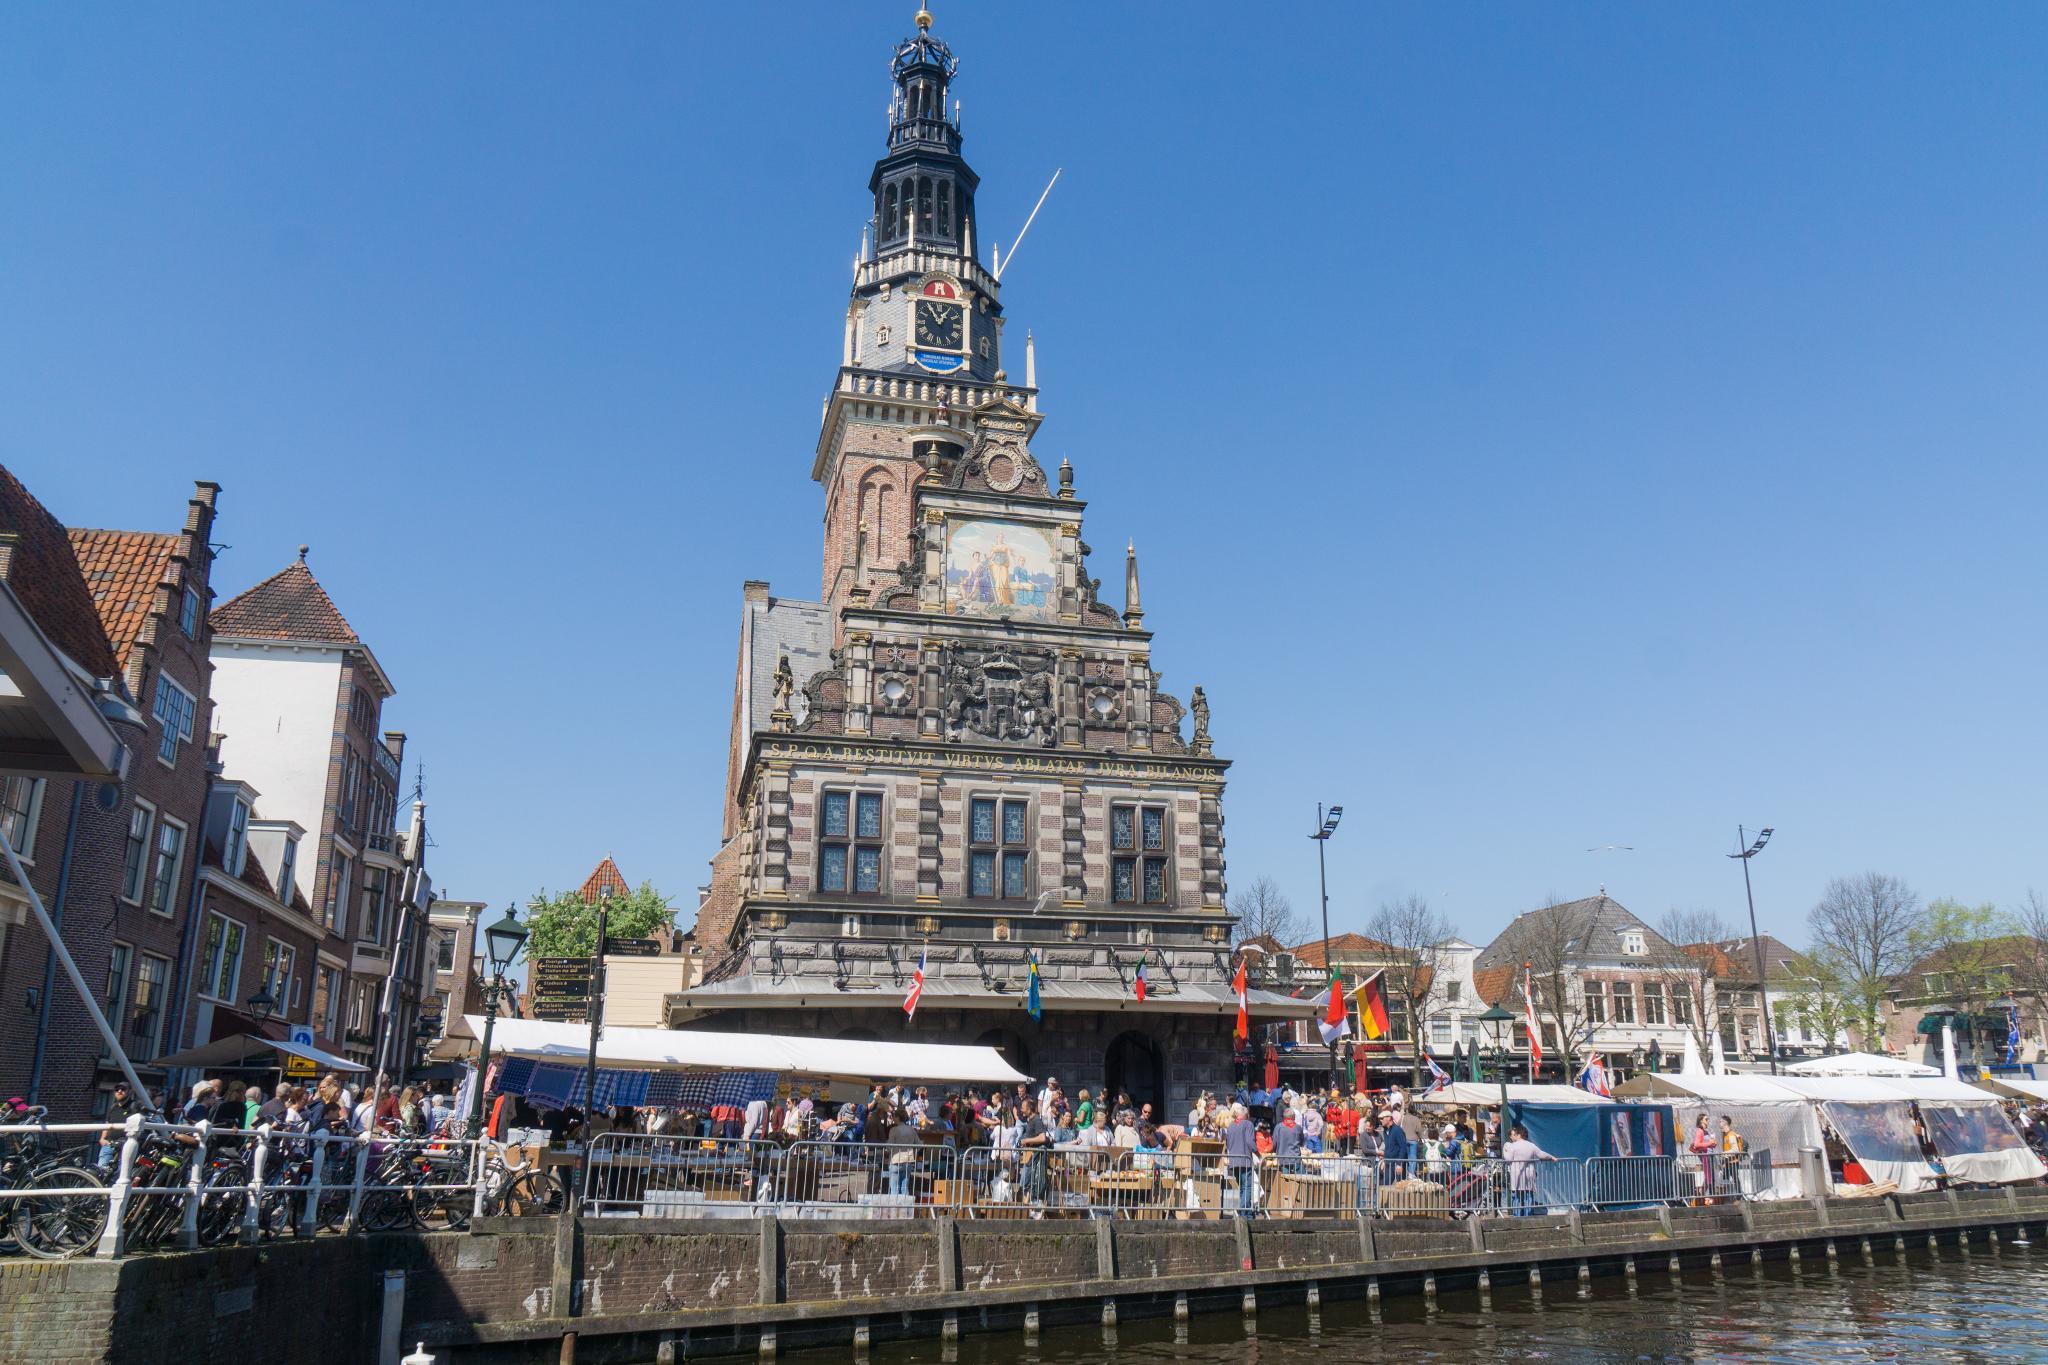 【荷蘭印象】體驗道地的荷式風情 — Alkmaar 起司市集 散步路線整理 17